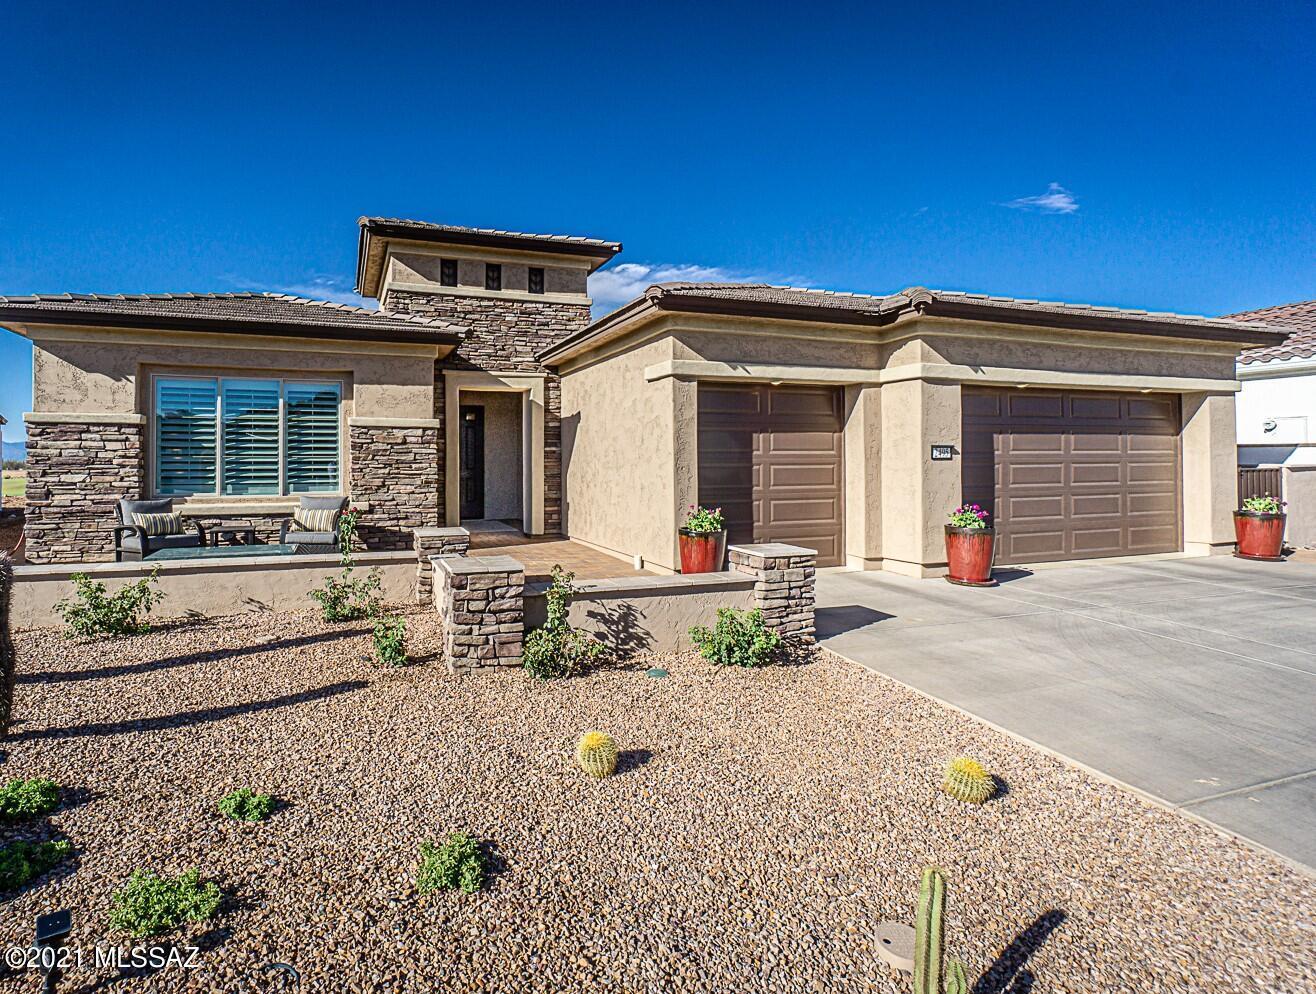 Photo of 2495 E Wrightson View Drive, Green Valley, AZ 85614